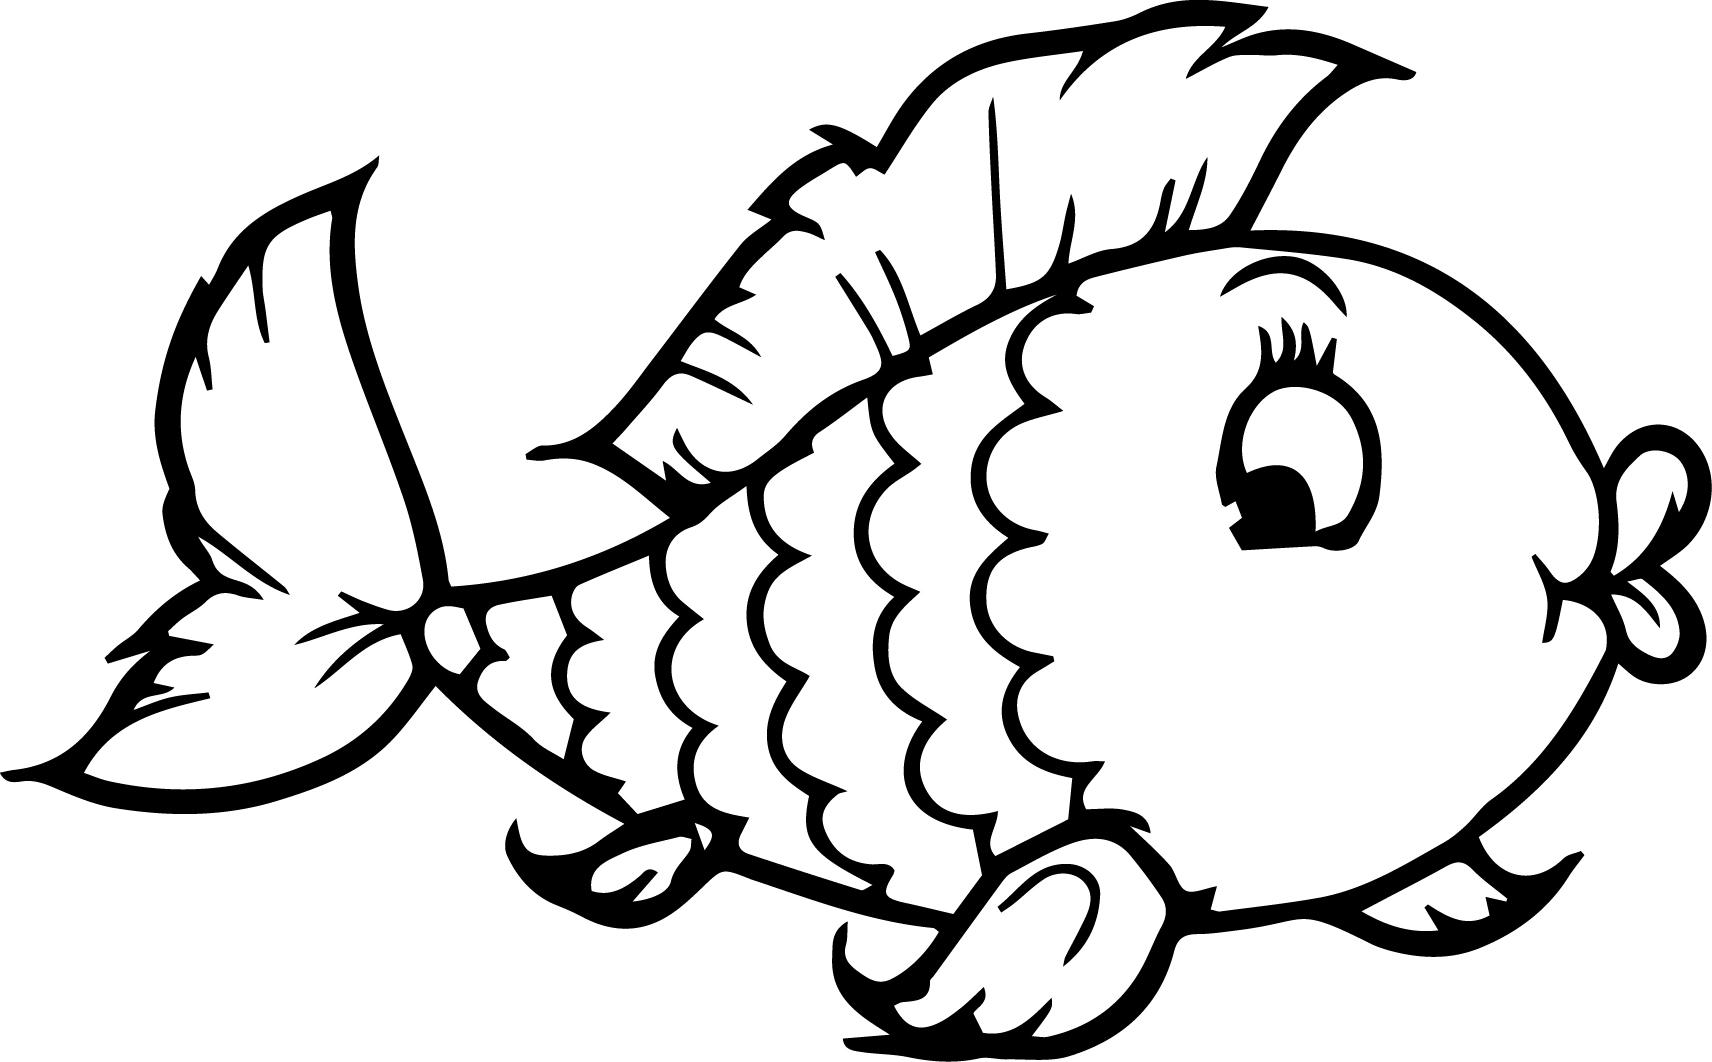 fish coloring for kids cartoon fish girl coloring page sheet wecoloringpagecom kids fish for coloring